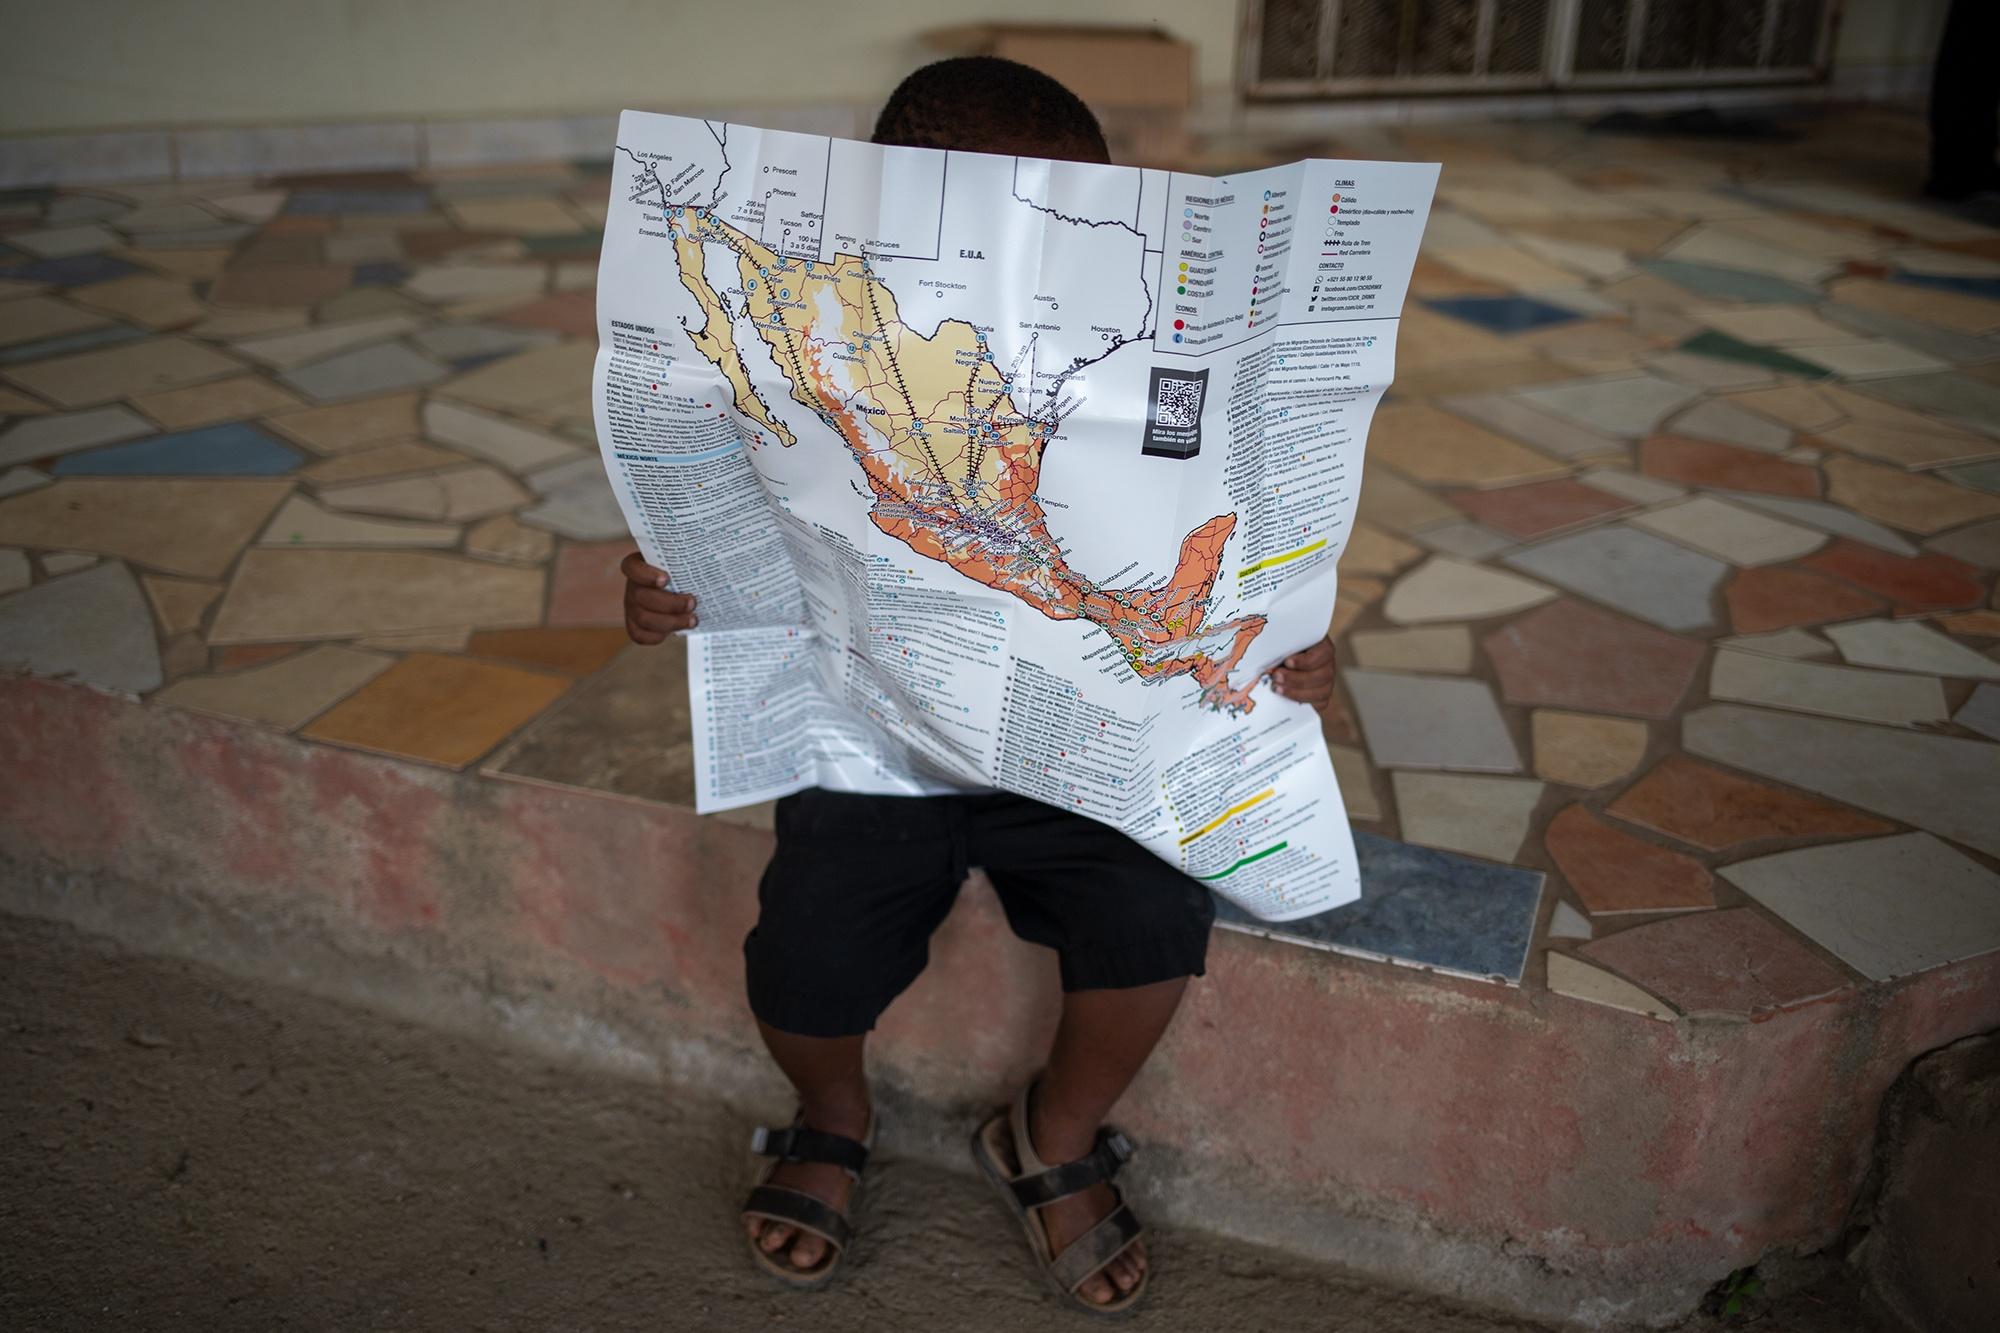 Un niño haitiano juega con un mapa que fue donado por Médicos Sin Fronteras, donde se indican los puntos de atención que la organización brinda a lo largo de la ruta migratoria hacia Estados Unidos desde Centroamérica. Trójes, El Paraíso, 21 de abril de 2021. Foto: Martín Cálix.